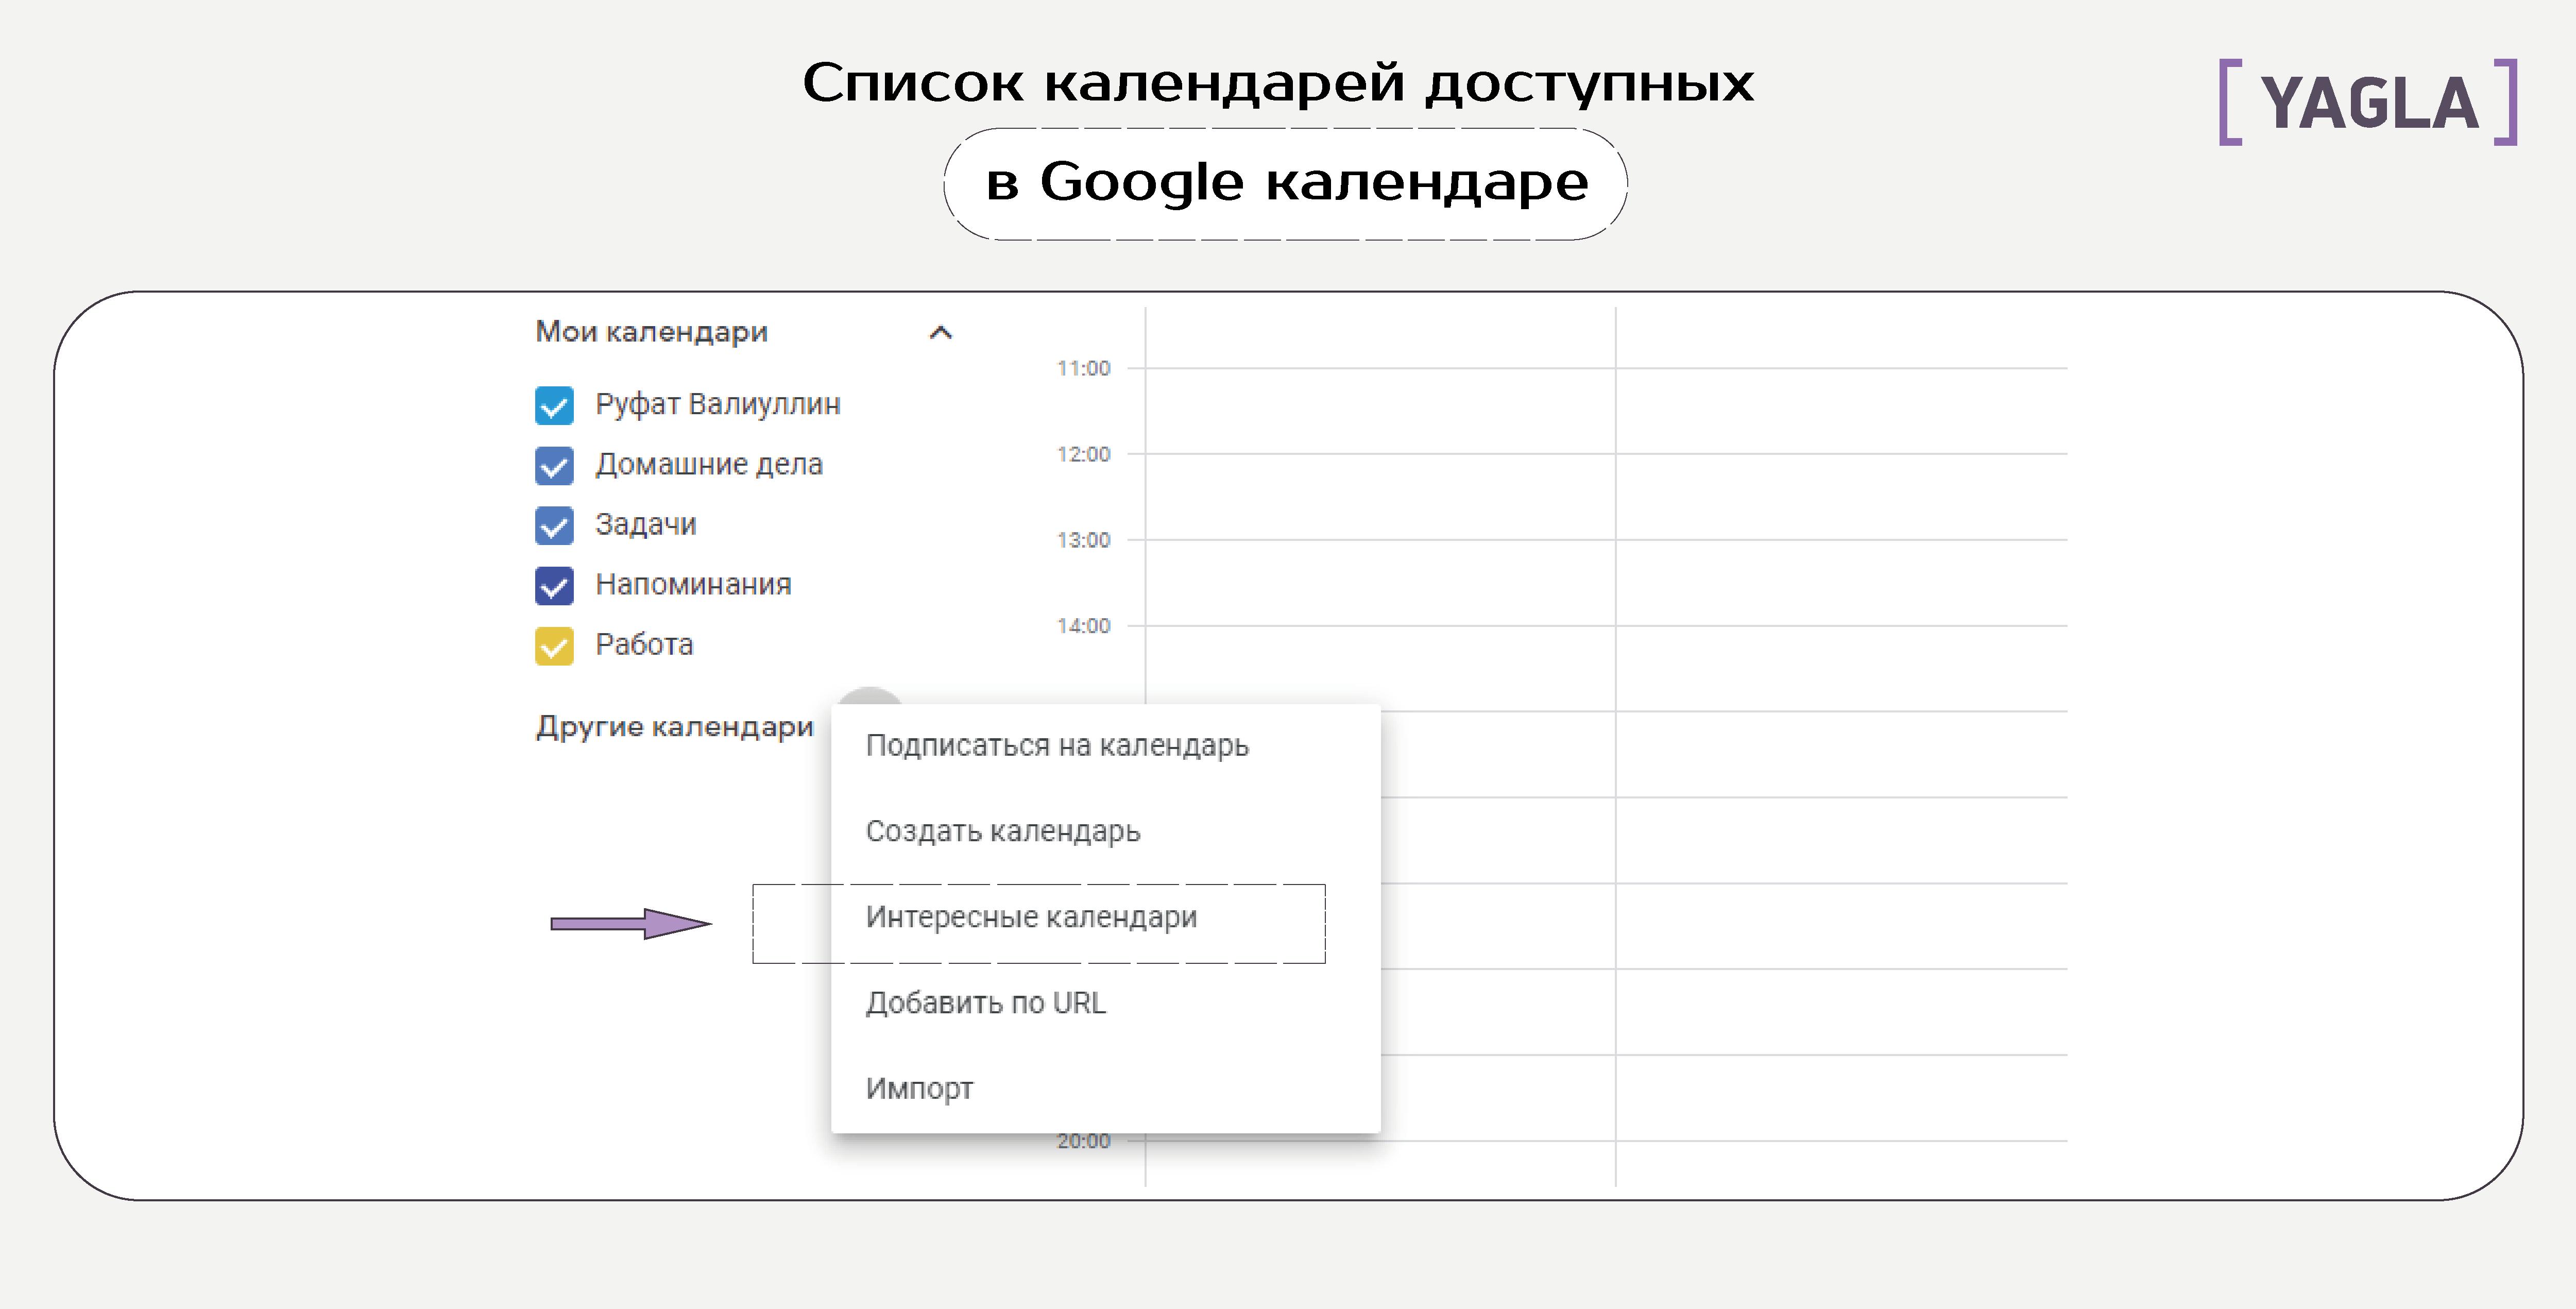 Список календарей доступных в Google календаре